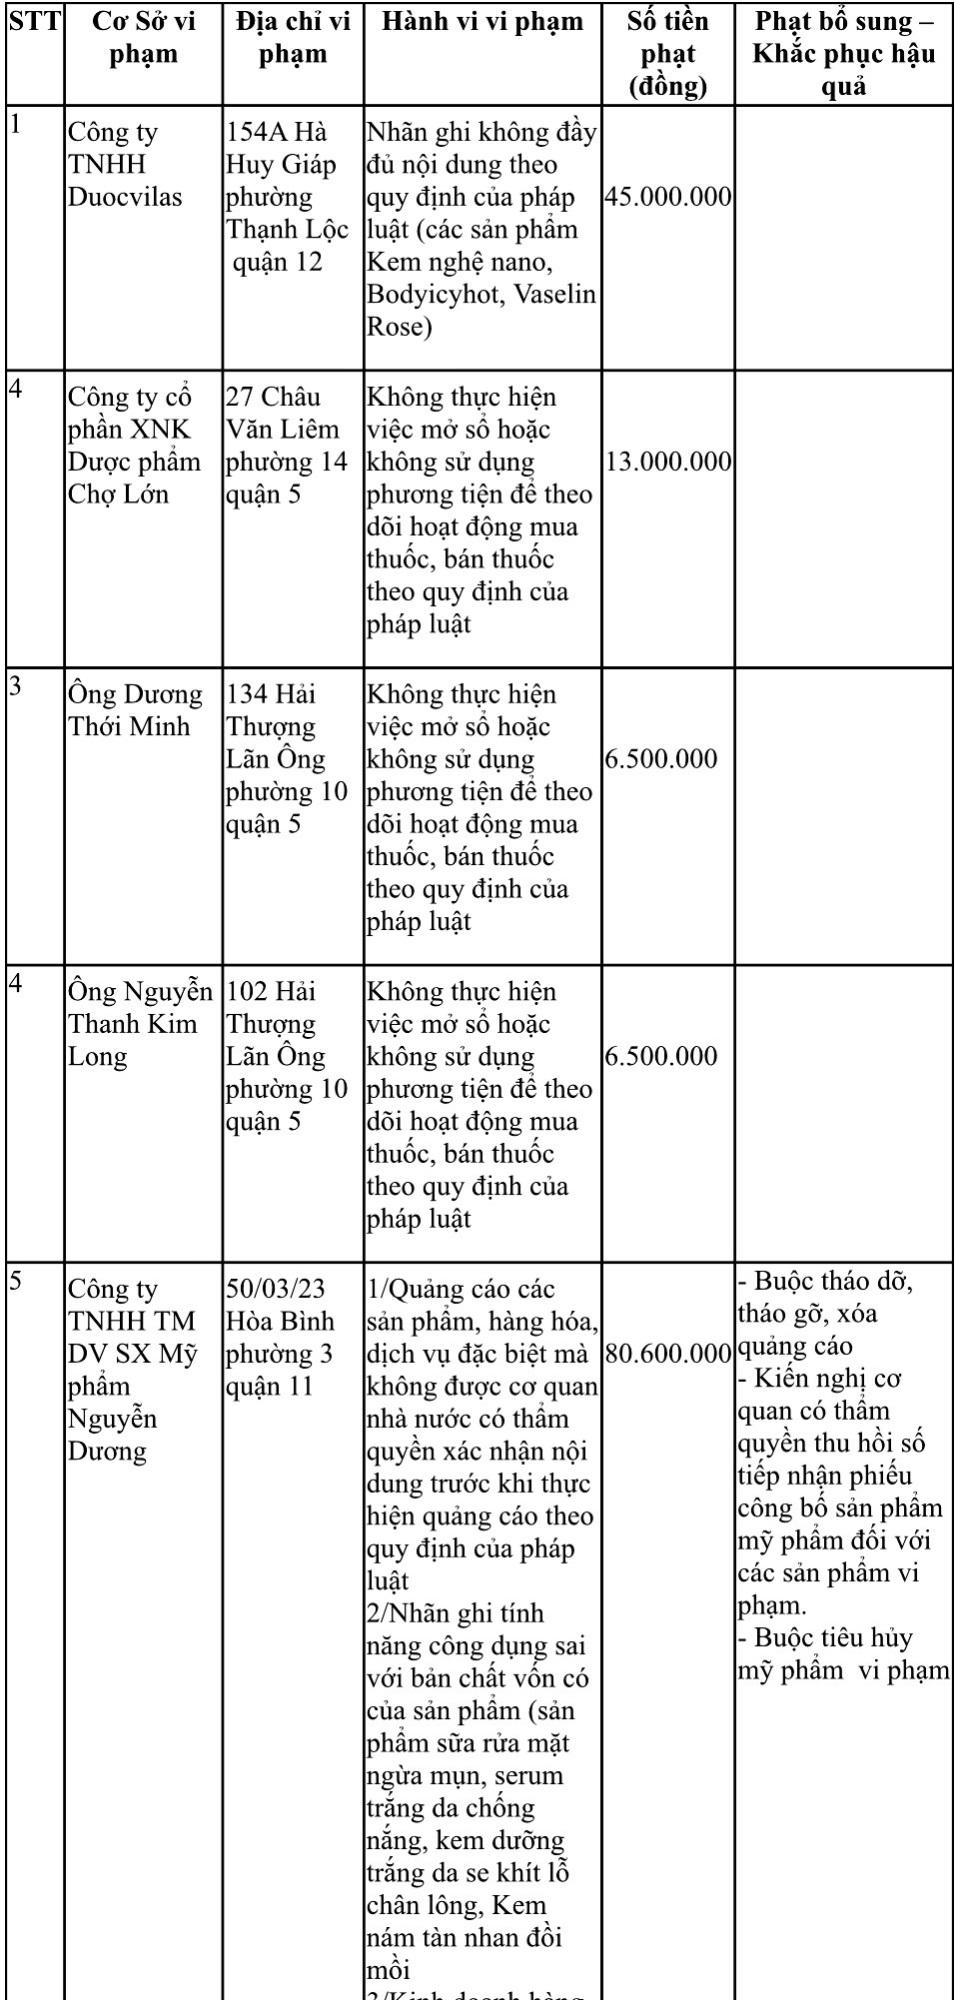 Công ty mỹ phẩm Nguyễn Dương bị phạt hơn 80 triệu đồng vì 'treo đầu dê bán thịt chó' - Ảnh 2